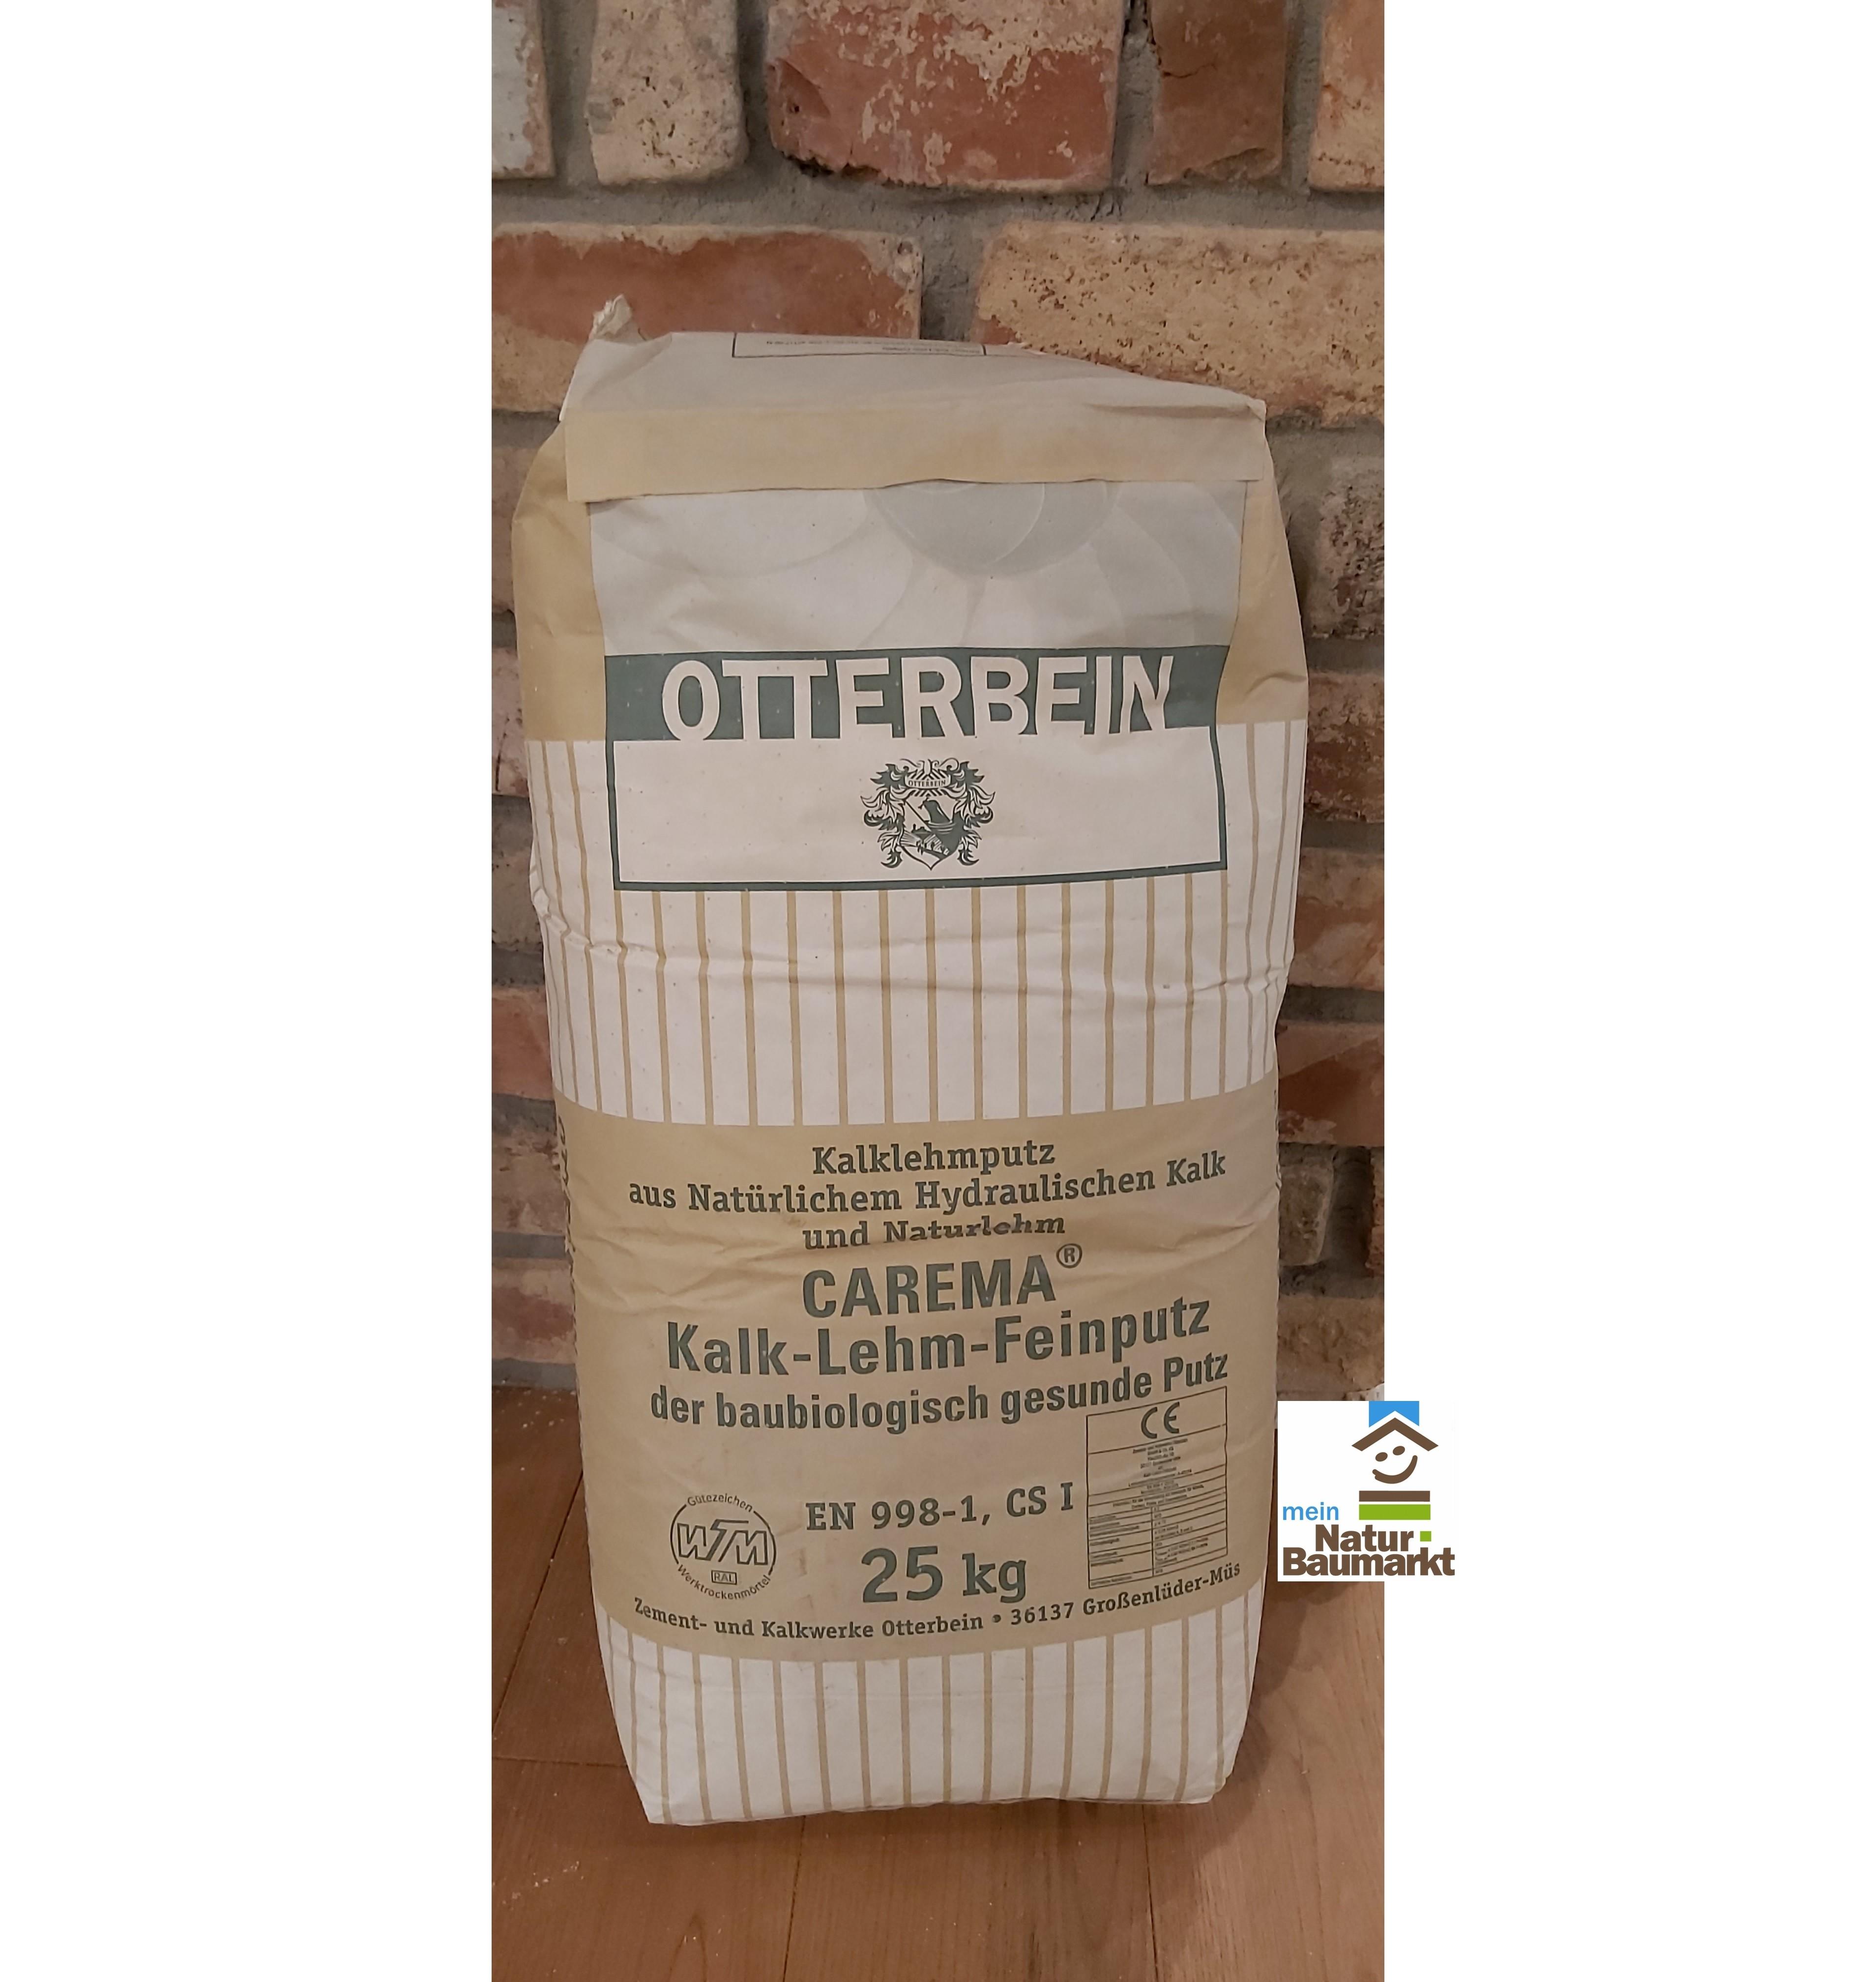 Otterbein CAREMA® Kalk - Lehm - Feinputz, 25 kg Sack